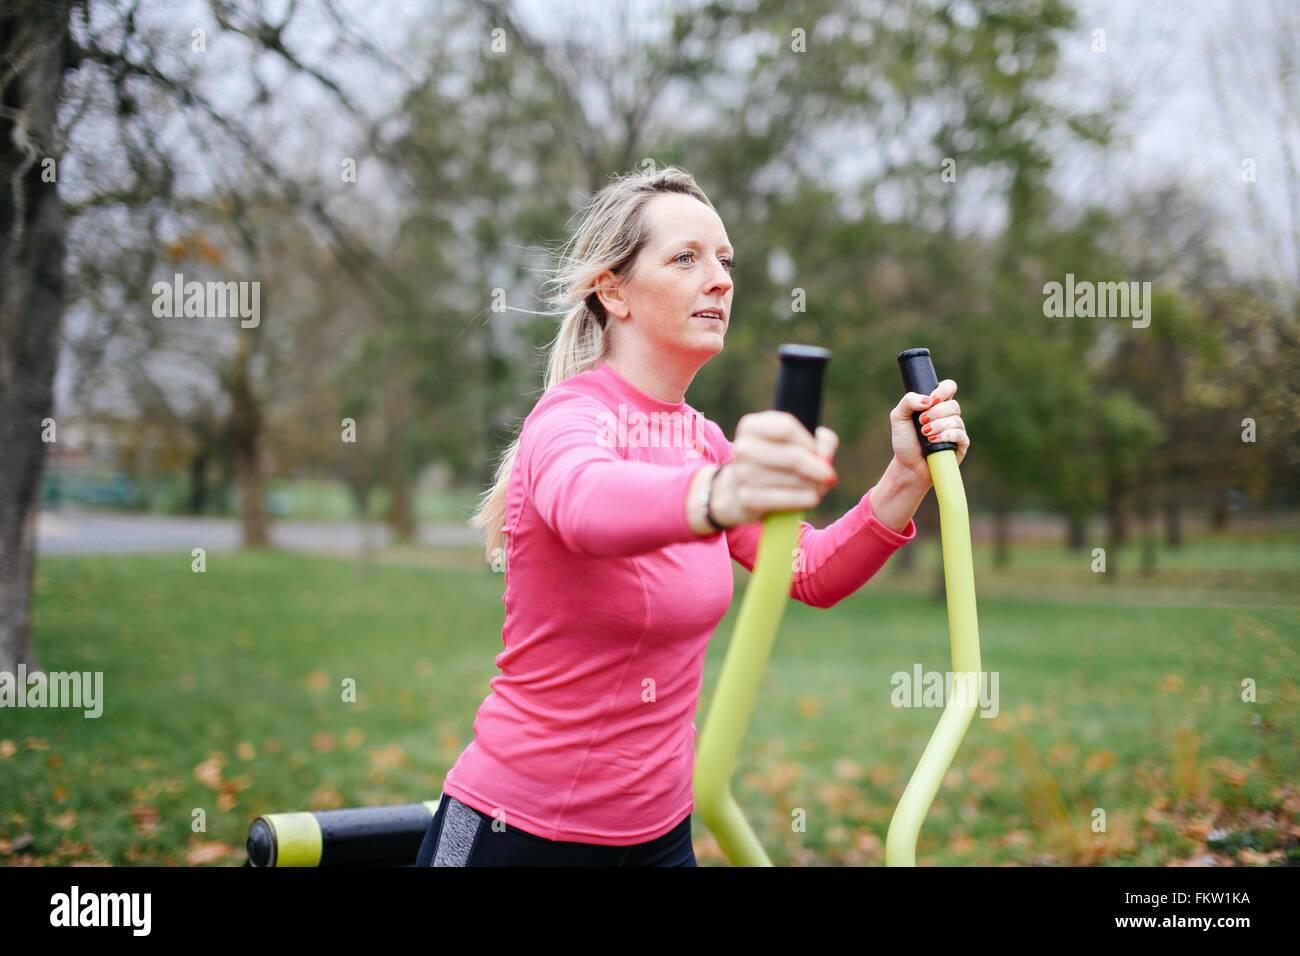 Mujer joven formación sobre máquina de ejercicio en el parque Imagen De Stock